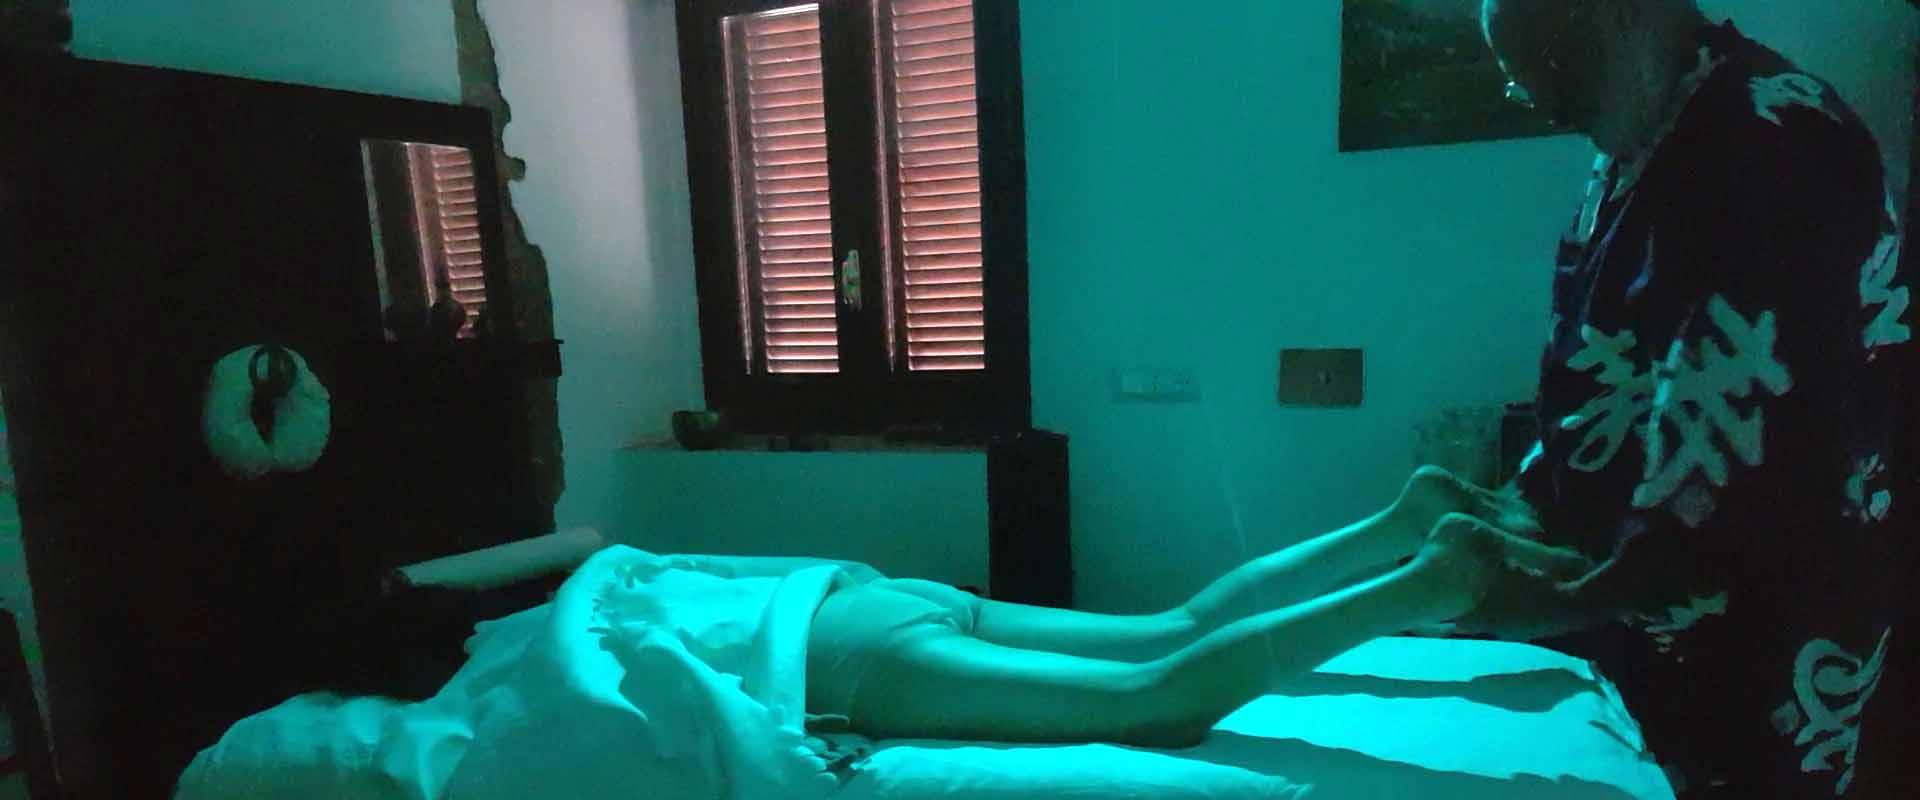 Massaggio meditativo depurazione sottile disintossicante Vipal Antonio Gianfranco Gualdi Centro di meditazione Zorba Il Buddha